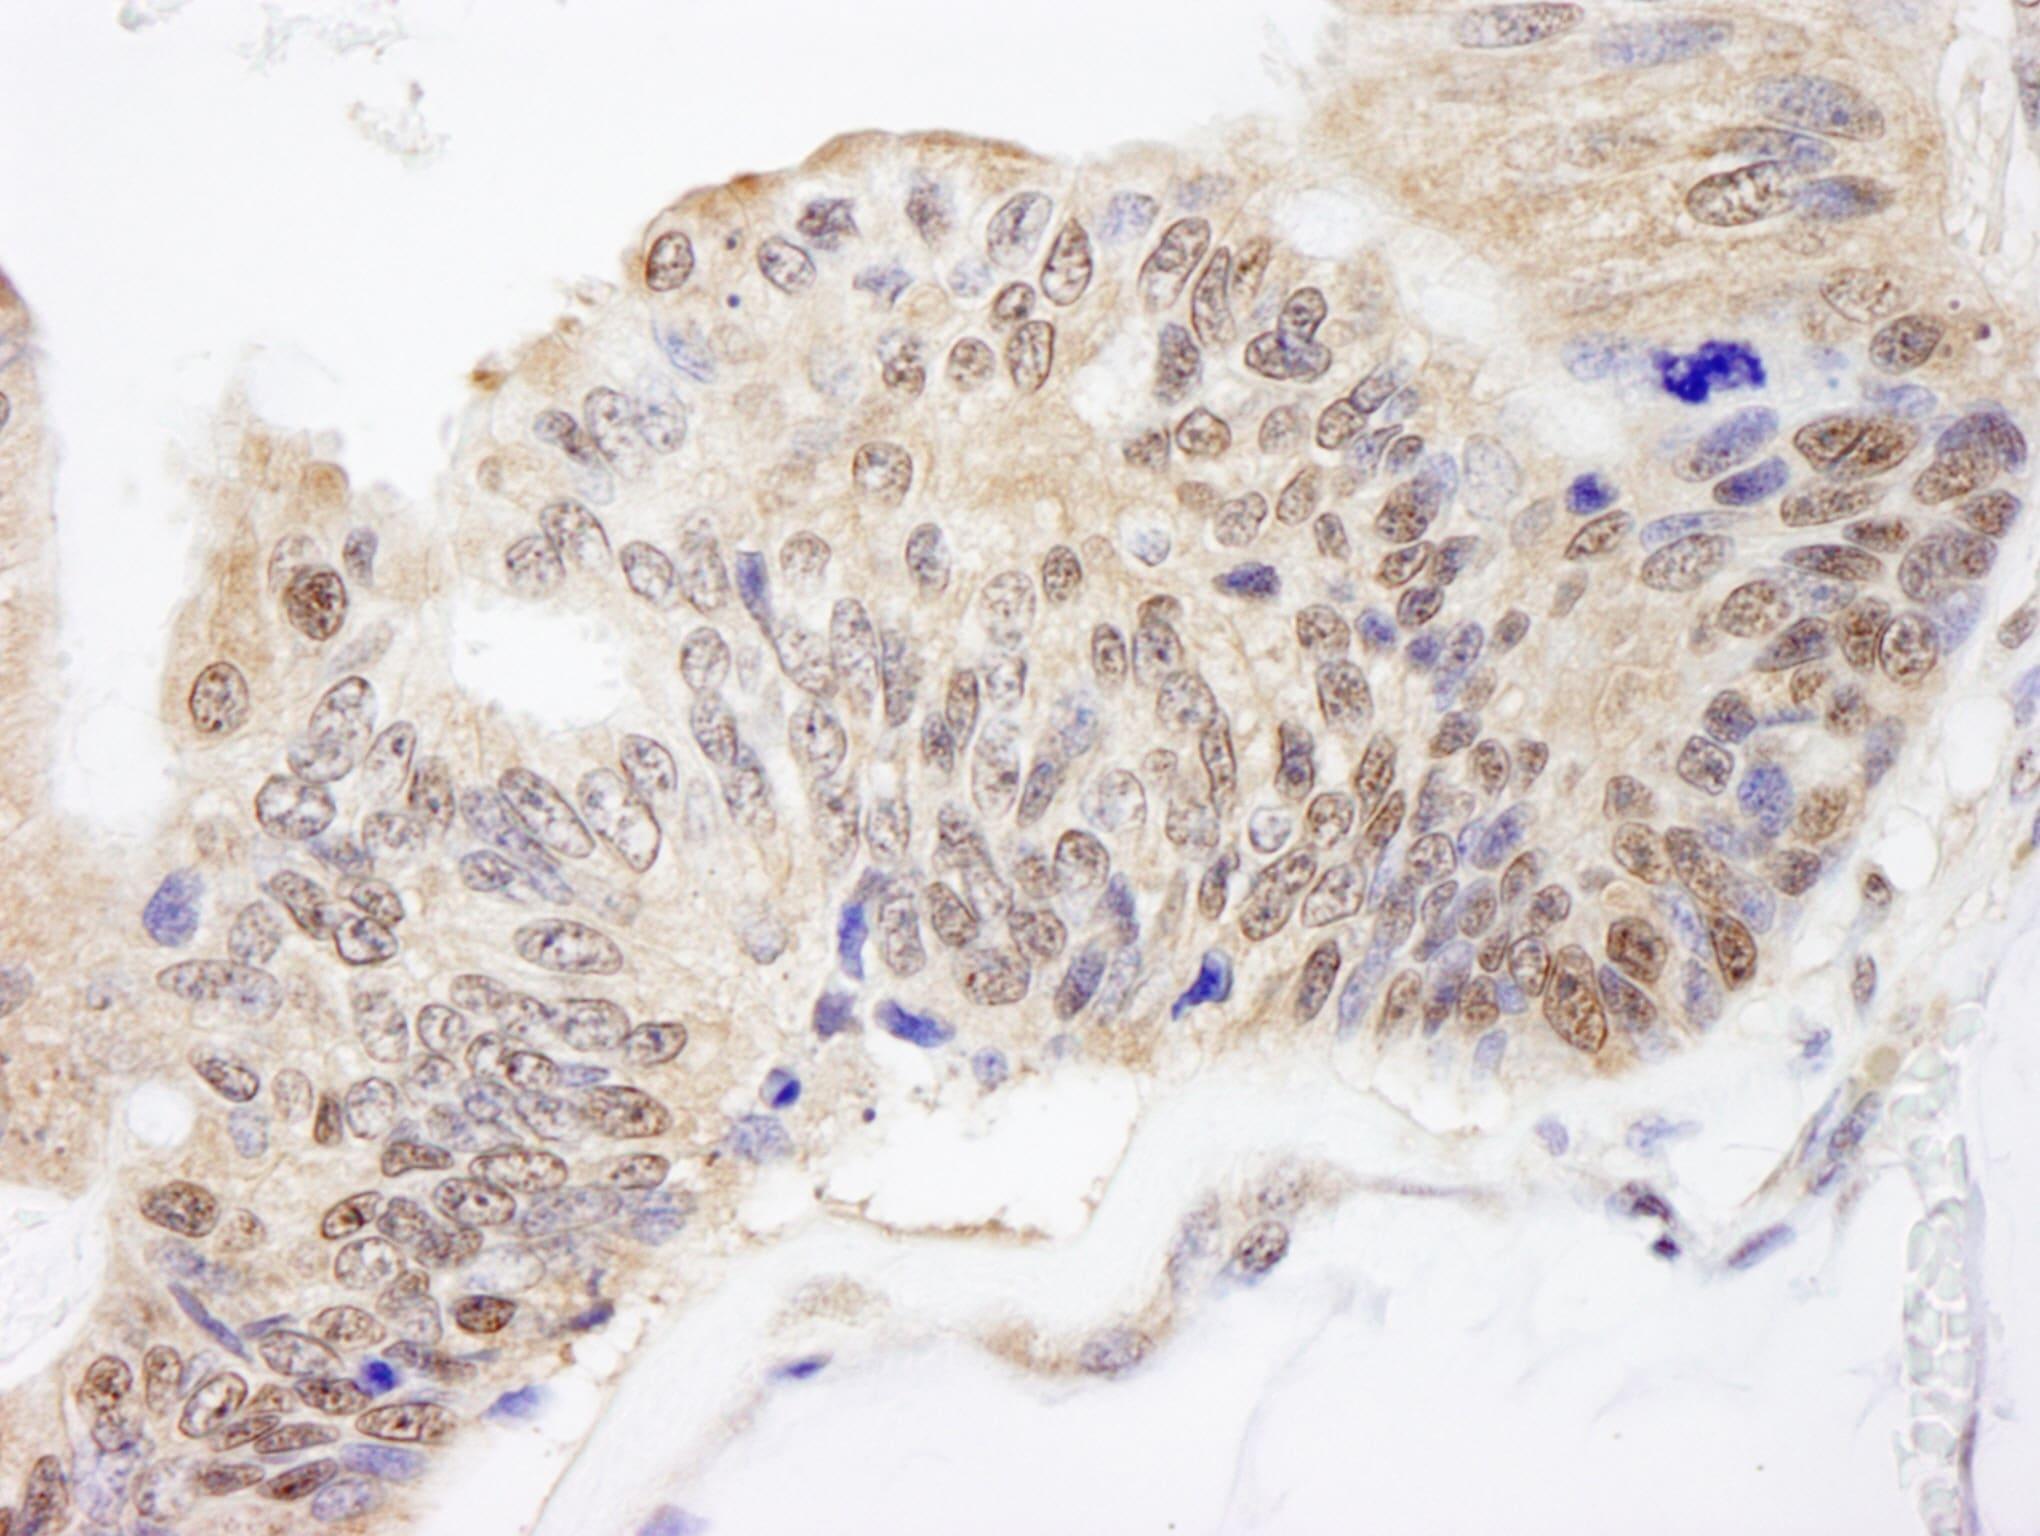 FKBP4/FKBP52 Antibody in Immunohistochemistry (IHC)